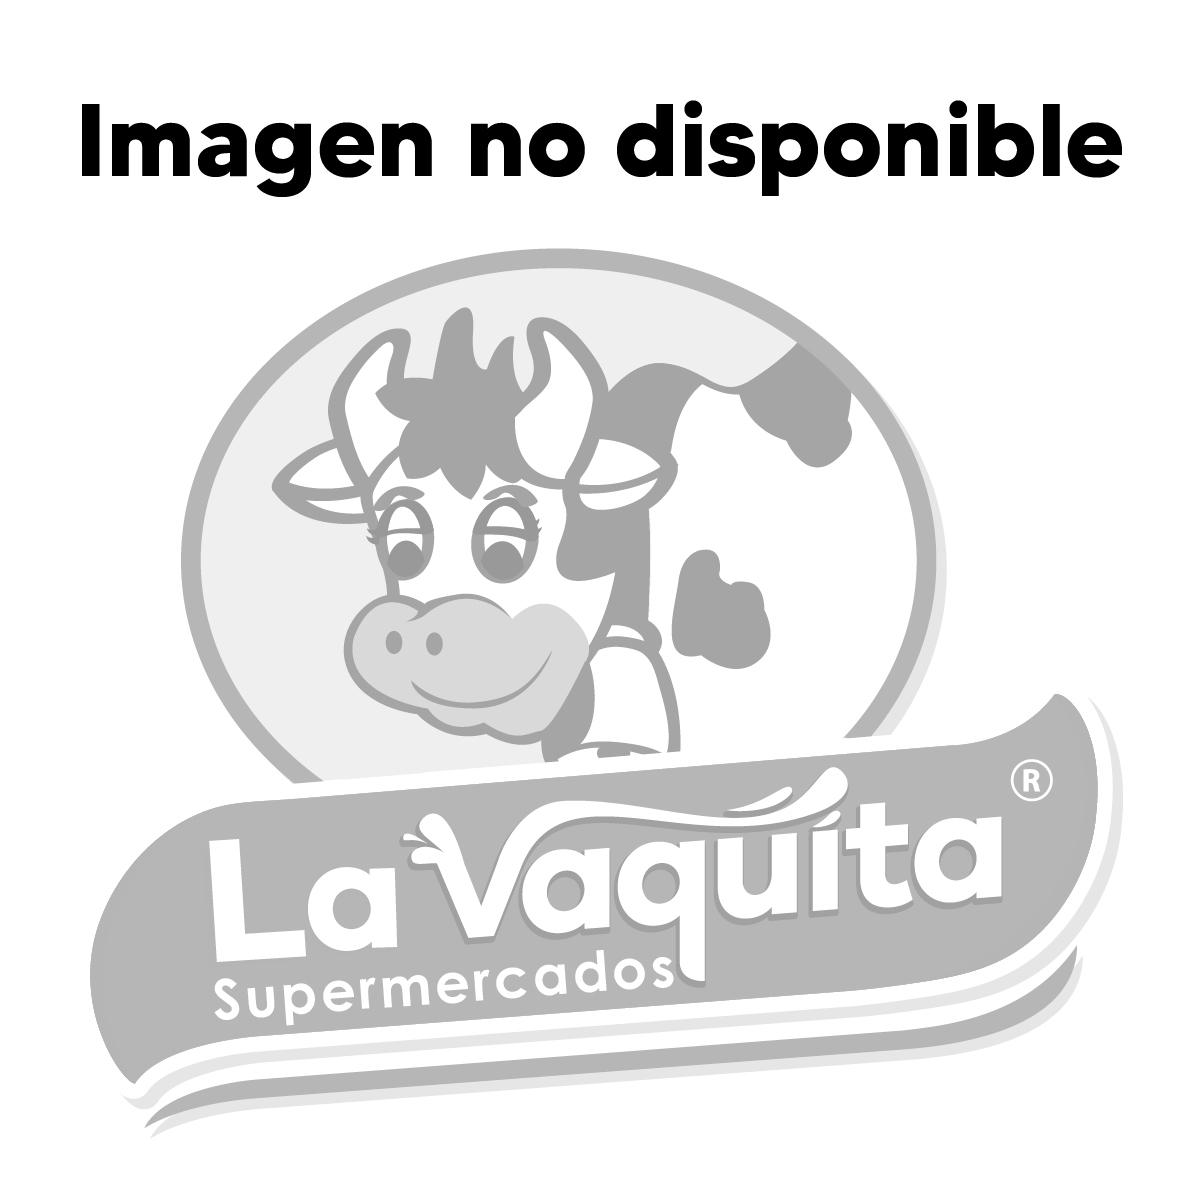 ALMENDRA DISPRONAT 200G